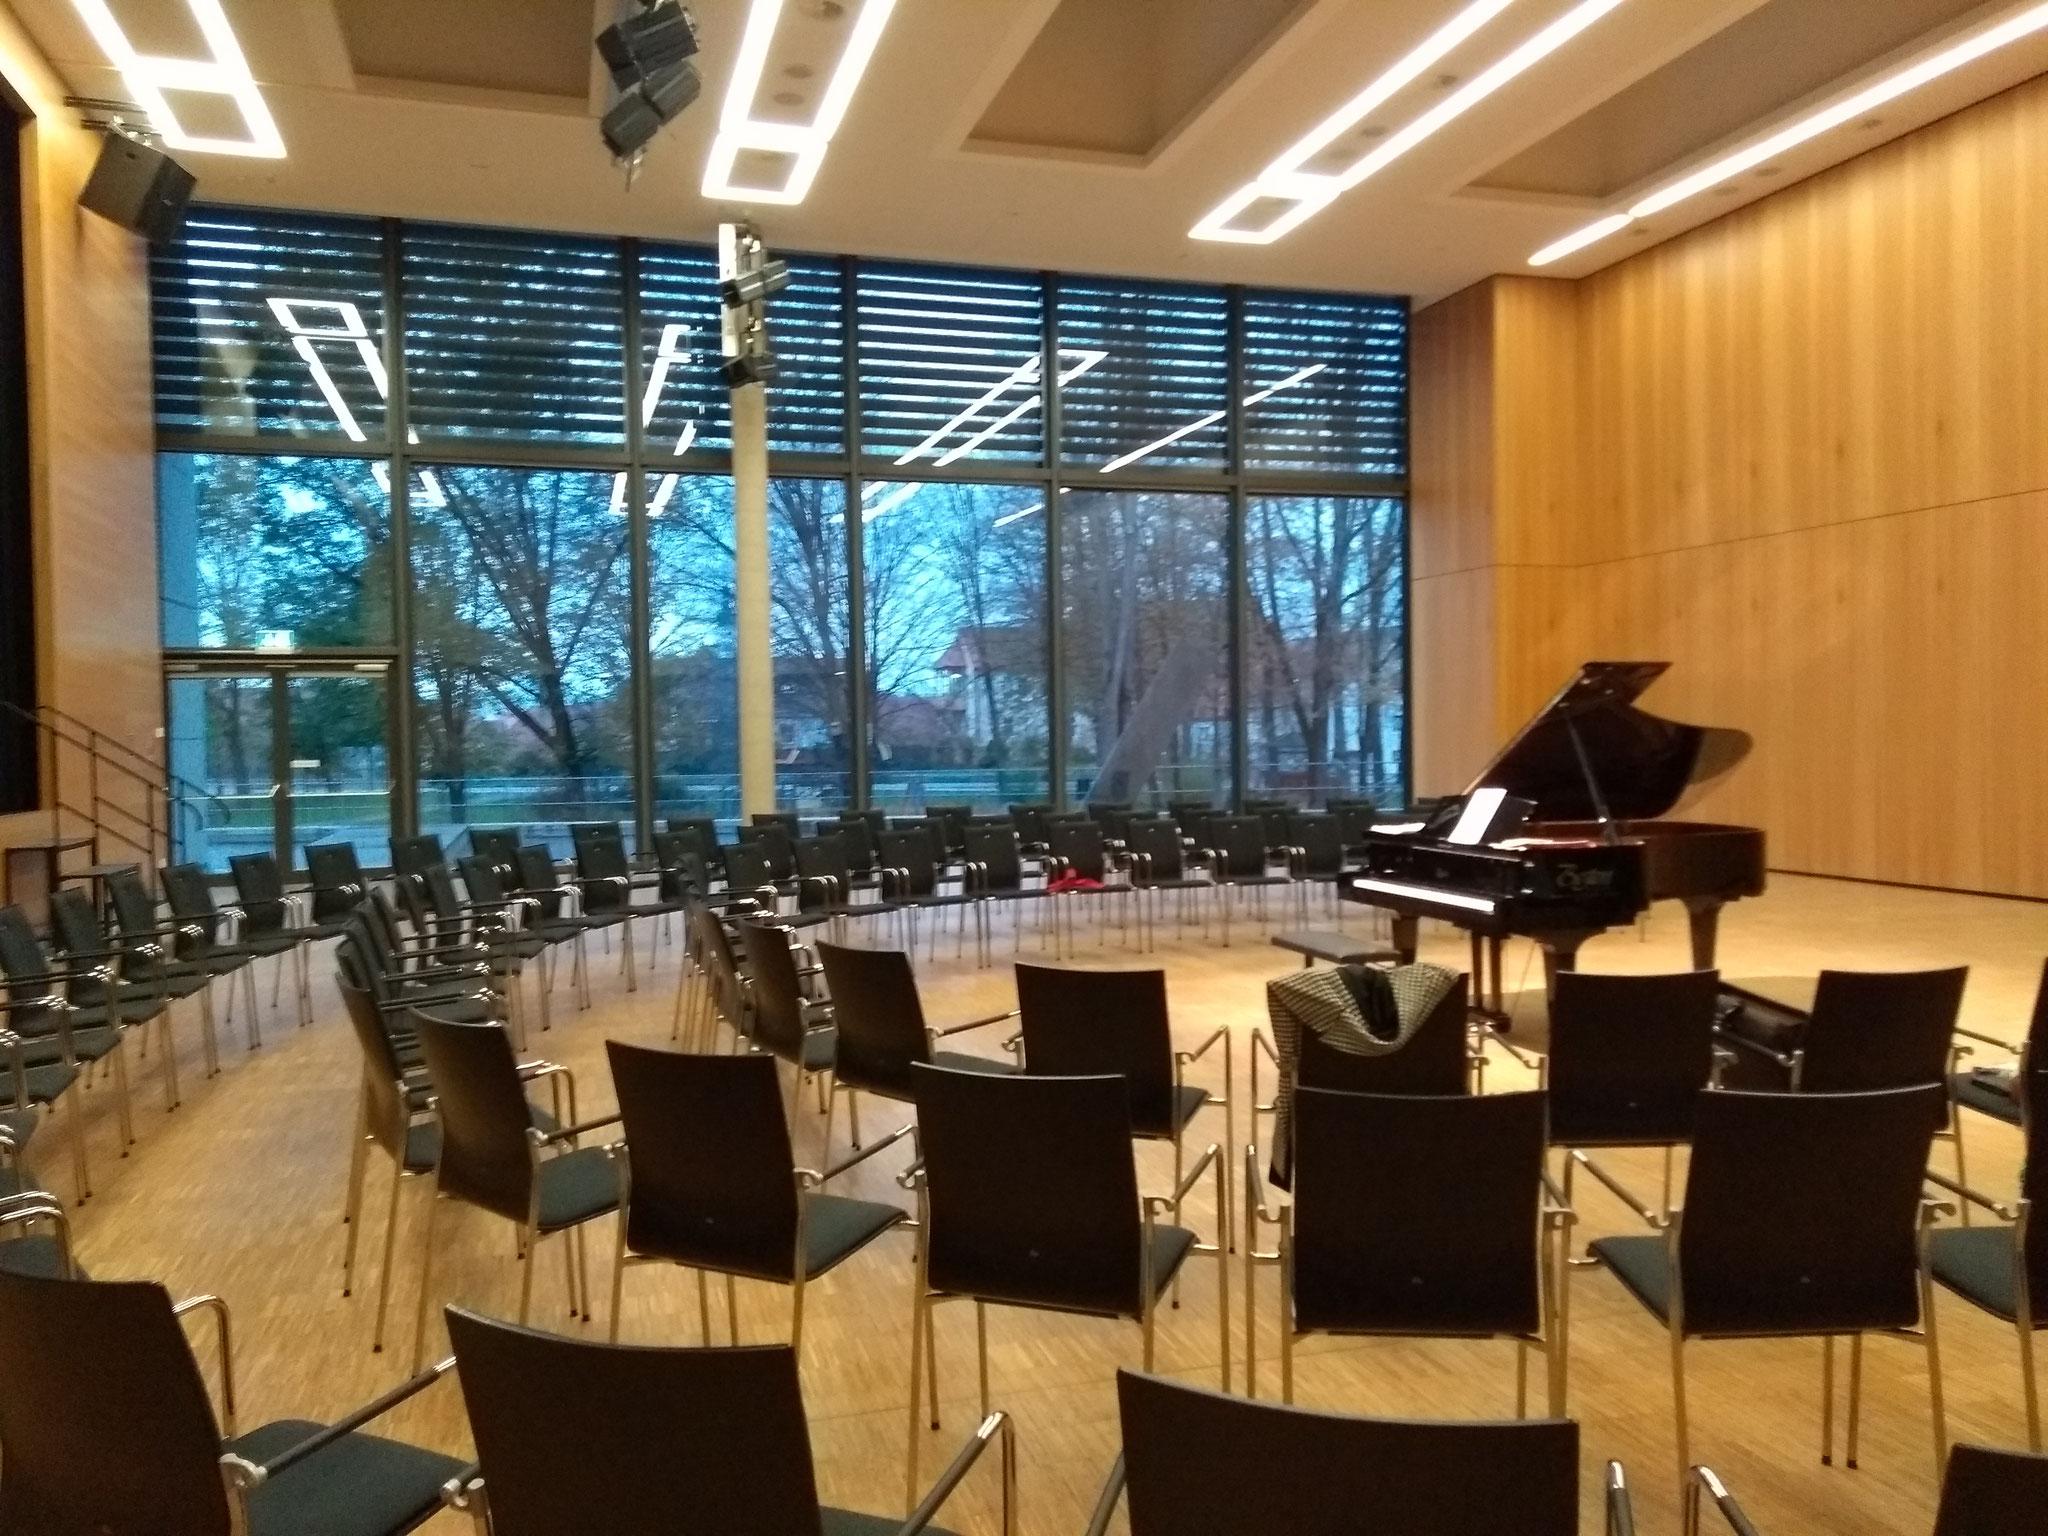 アントン・ツァプフとのピアノデュオコンサート、マックス・レーガーの大曲にも取り組みました。(ドイツ・ノインブルク2019年11月)